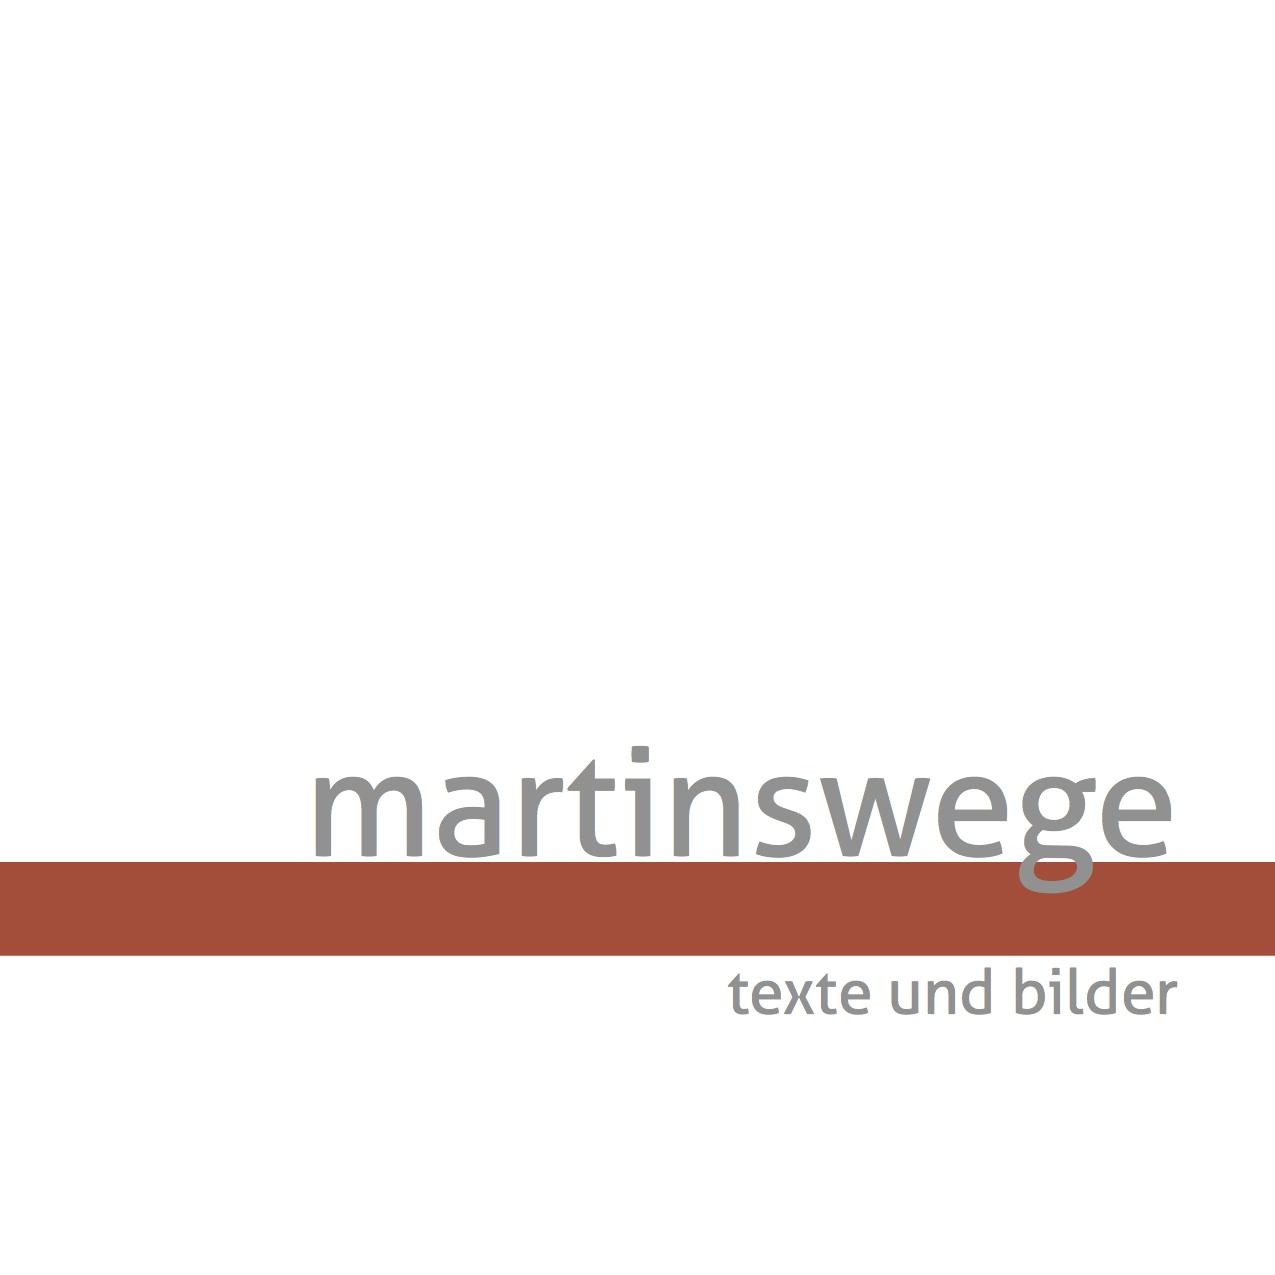 Martinswege - Texte und Bilder - Johannes Moska...